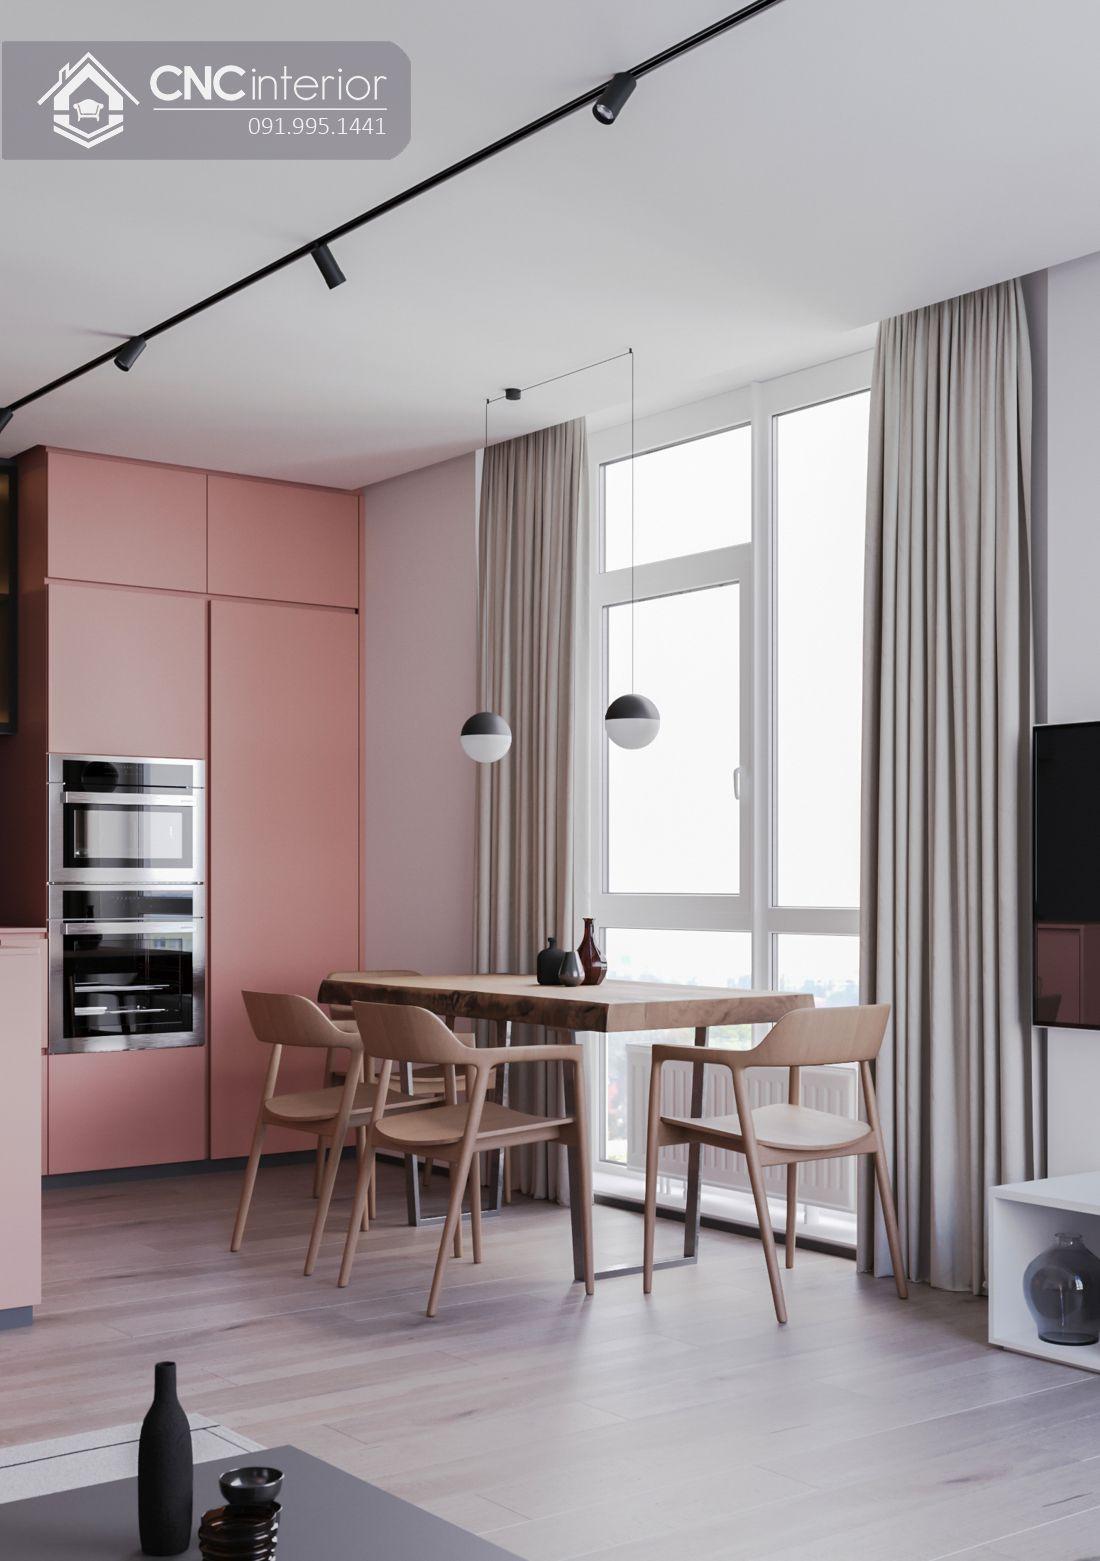 Tủ bếp bằng gỗ kết hợp kính đẹp hiện đại CNC 04 4